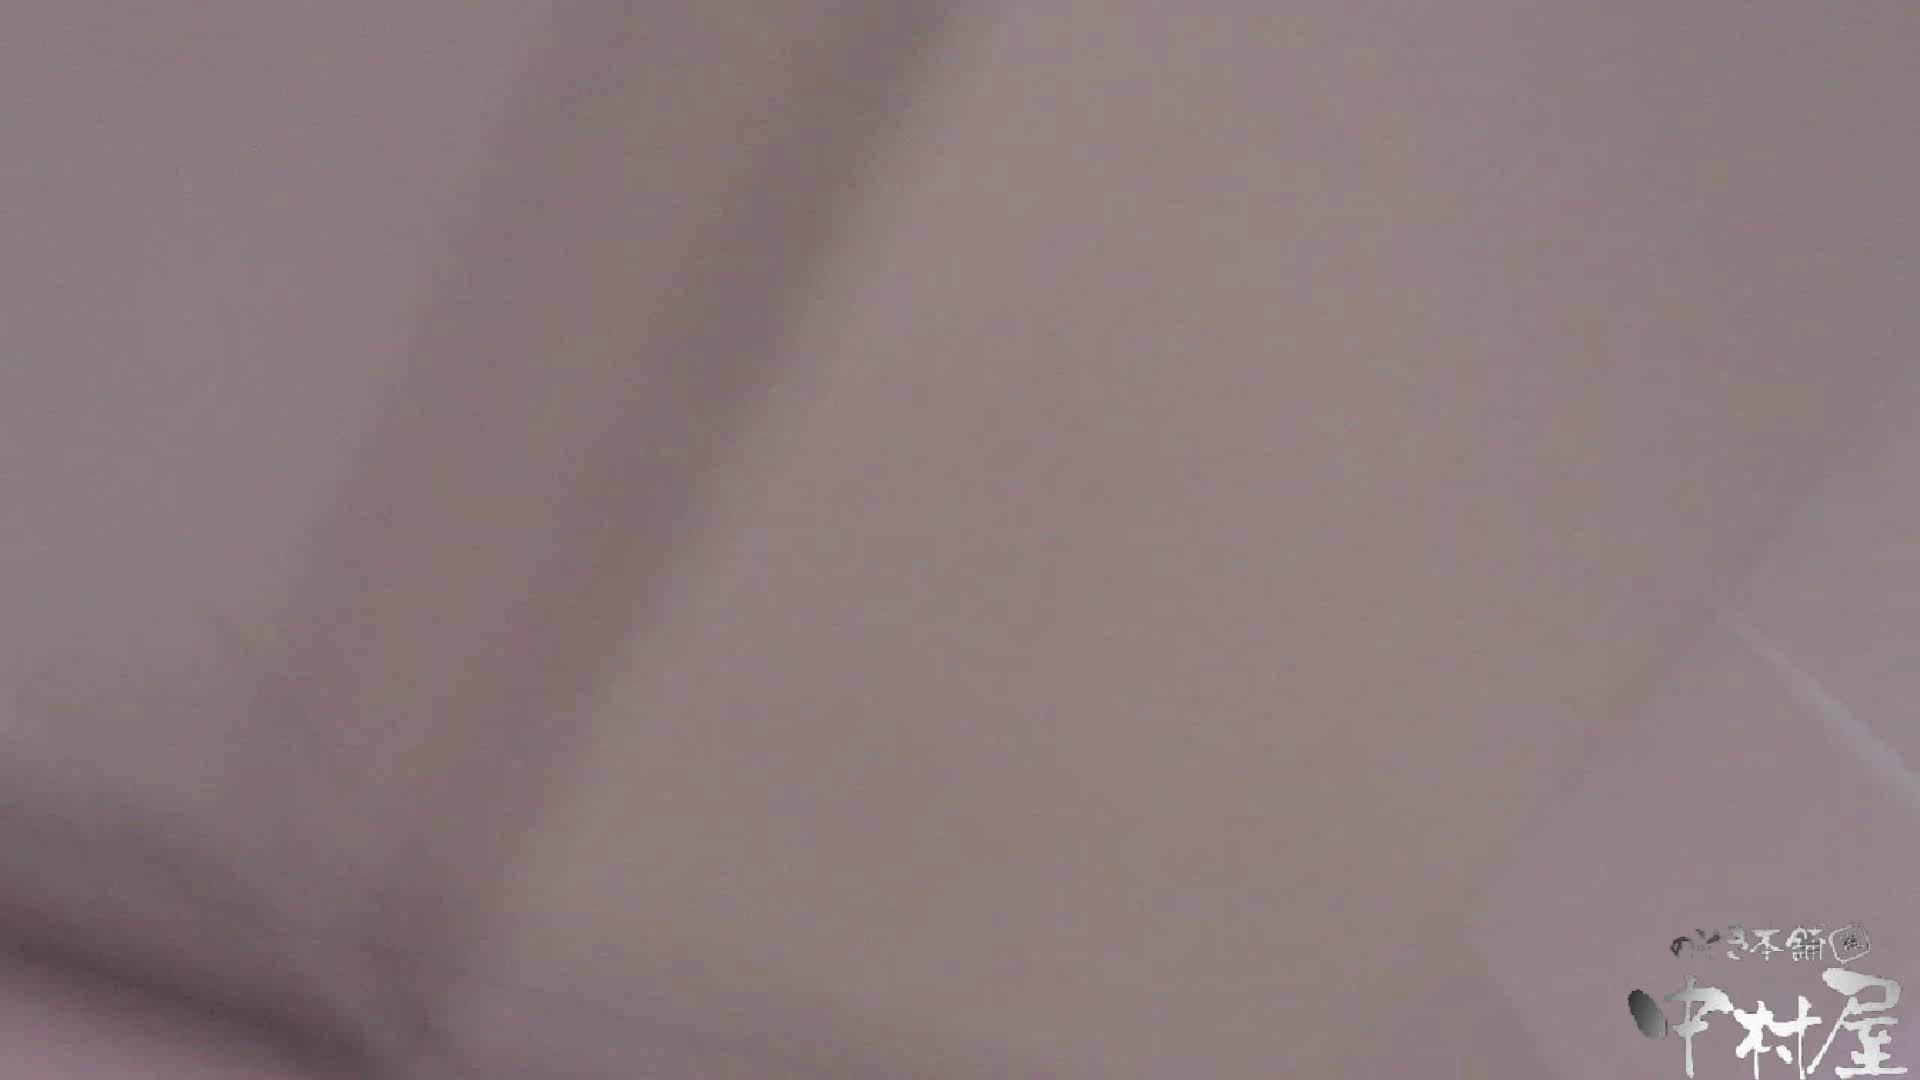 魂のかわや盗撮62連発! 丁寧にオシリをフキフキ! 38発目! 黄金水 | 盗撮特集  95画像 78